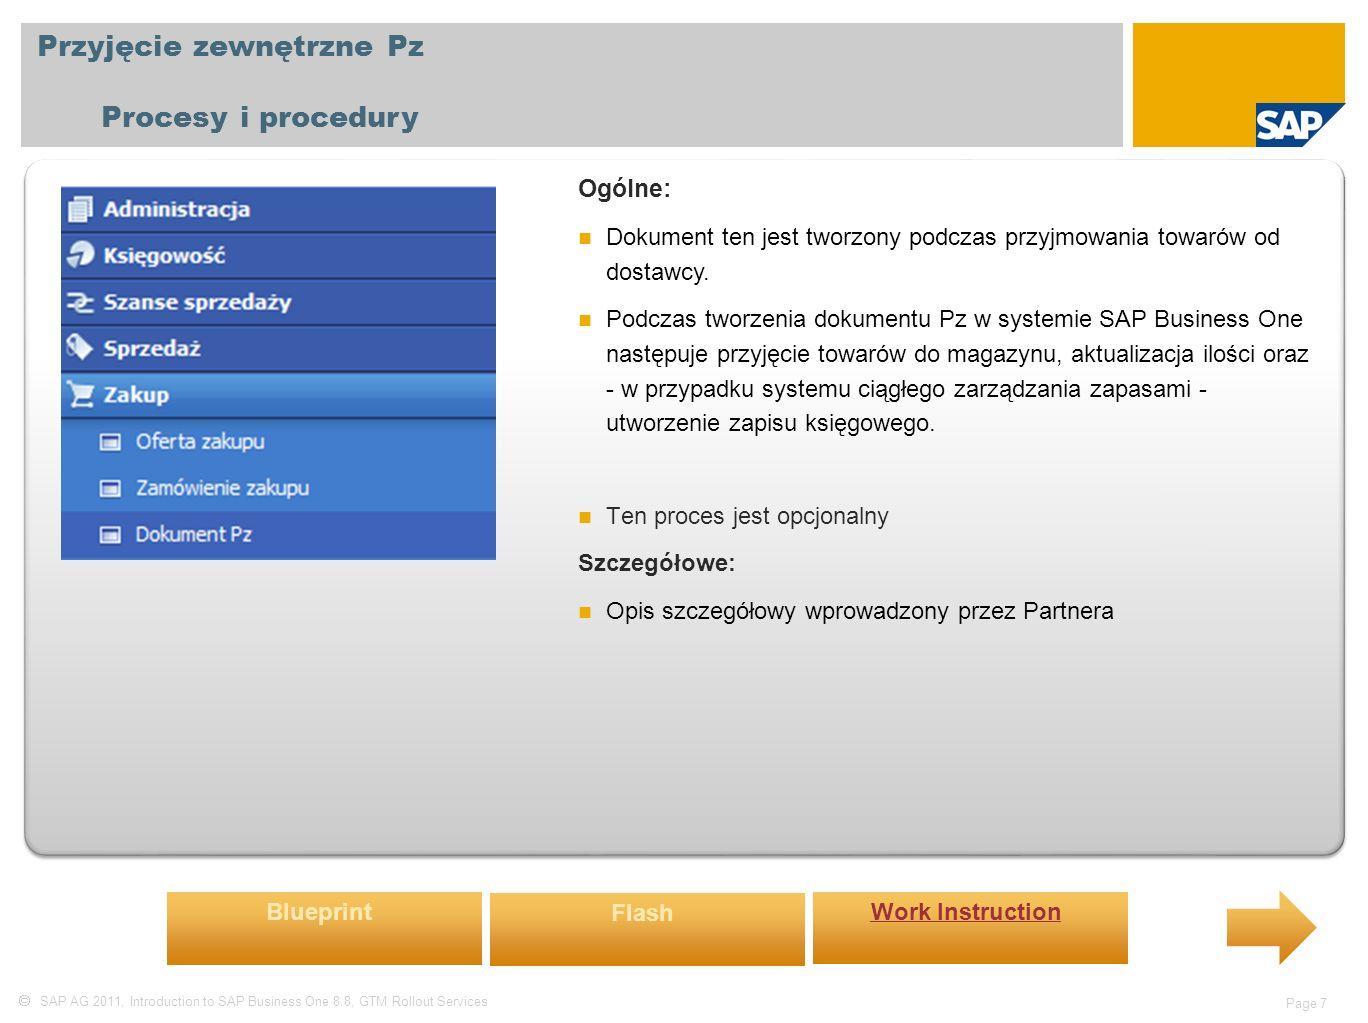  SAP AG 2011, Introduction to SAP Business One 8.8, GTM Rollout Services Page 7 Przyjęcie zewnętrzne Pz Procesy i procedury Ogólne: Dokument ten jest